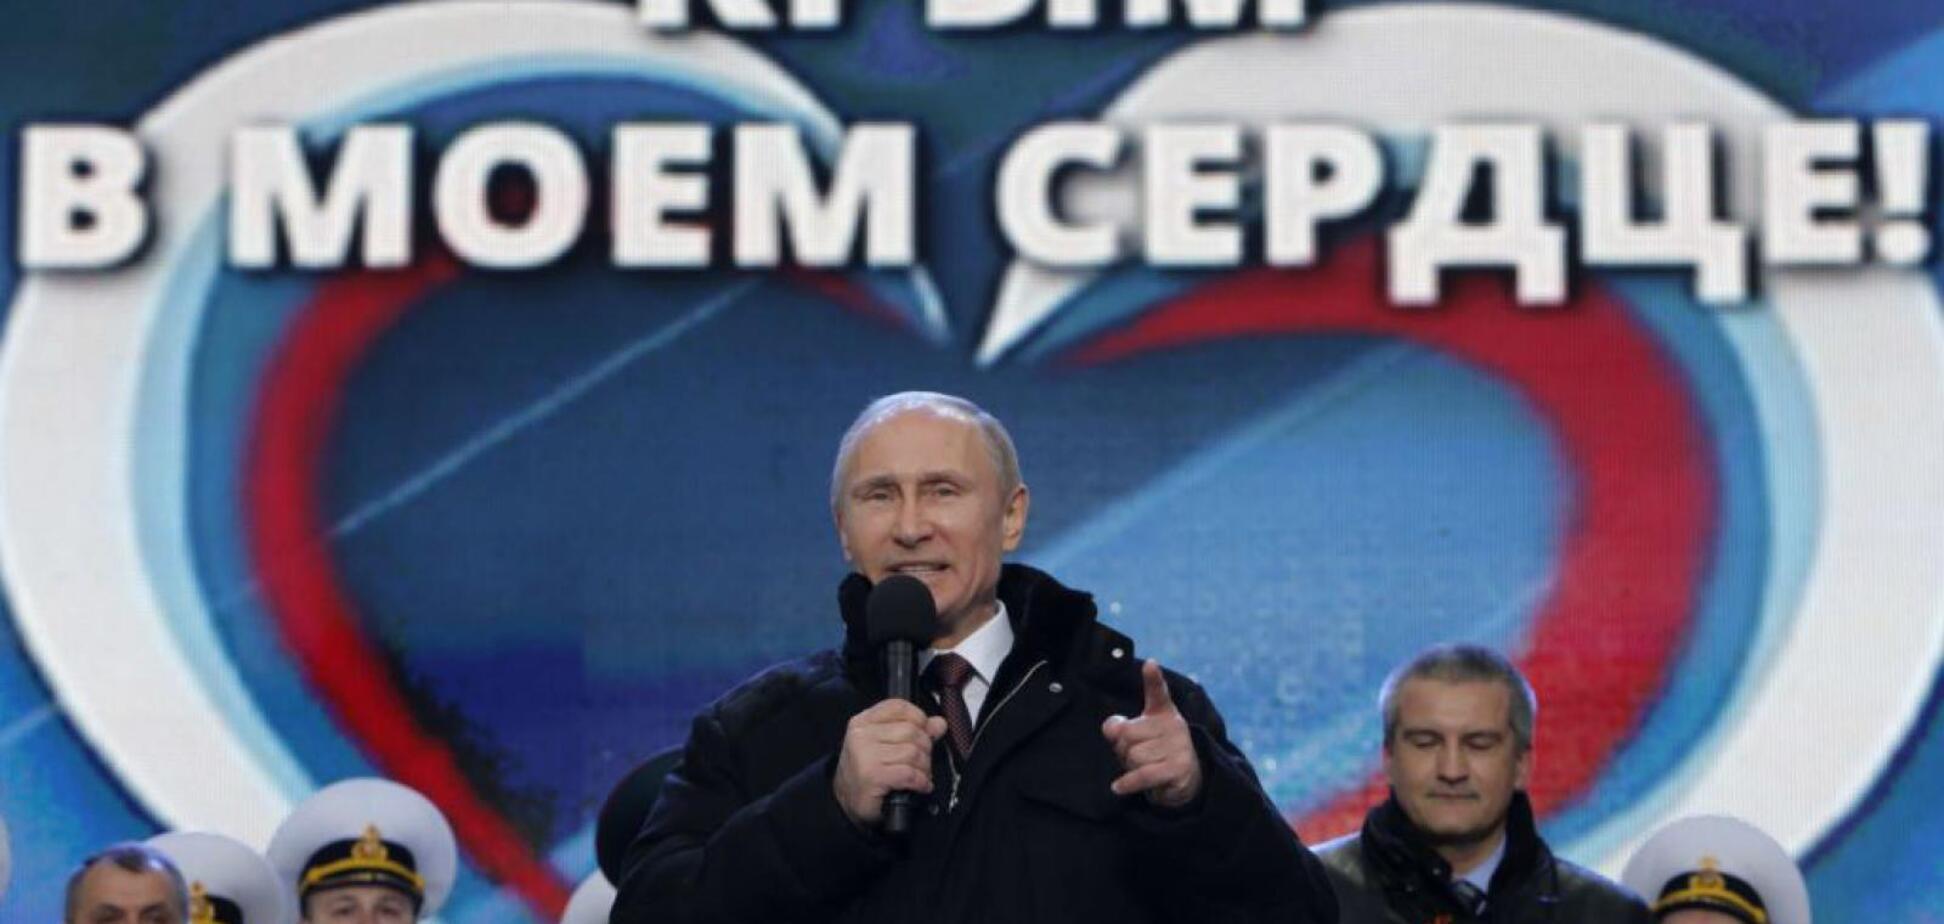 Вернуть Крым Украине: Чубаров пояснил, на что способен клуб друзей по деоккупации